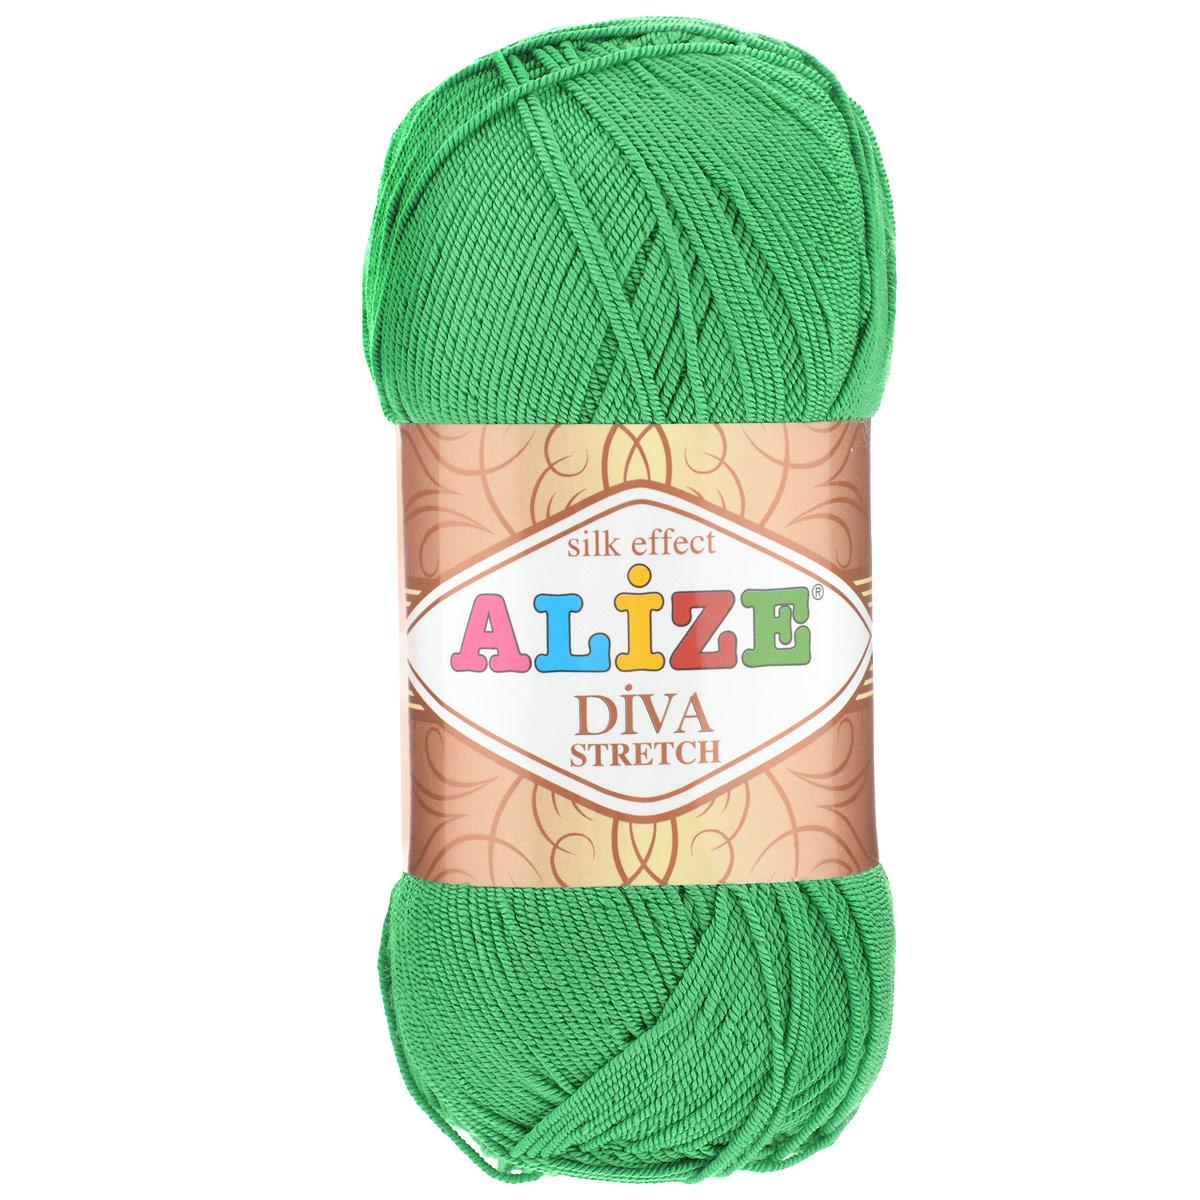 Пряжа для вязания Alize Diva Stretch, цвет: зеленый (123), 400 м, 100 г, 5 шт367021_123Легкая пряжа Alize Diva Stretch из микрофибры с добавлением ПБТ эластика. Пряжа не выгорает на солнце и не линяет. Готовые изделия из этой пряжи быстро сохнут, после намокания практически не деформируются. Эластичная пряжа Diva Stretch обладает поистине уникальными характеристиками. Она мягкая, тонкая и в то же время прочная, она легко ложится в приятное на ощупь, упругое, тянущееся, но сохраняющее свою форму полотно и отлично смотрится в узорах. Изделия, связанные из этой пряжи, прекрасно держат форму и не растягиваются. Пряжа стрейч. Готовое изделие из пряжи Alize Diva Stretch после первой стирки слегка садится. Поэтому, перед тем, как начать работать с этой нитью, рекомендуется связать образец, постирать и высушить его, выяснить степень усадки и только потом, с учетом этих данных, делать расчет петель. Рекомендованные спицы № 2-3,5, крючок № 1-3. Состав: 92% микрофибра (акрил), 8% ПБТ эластик.